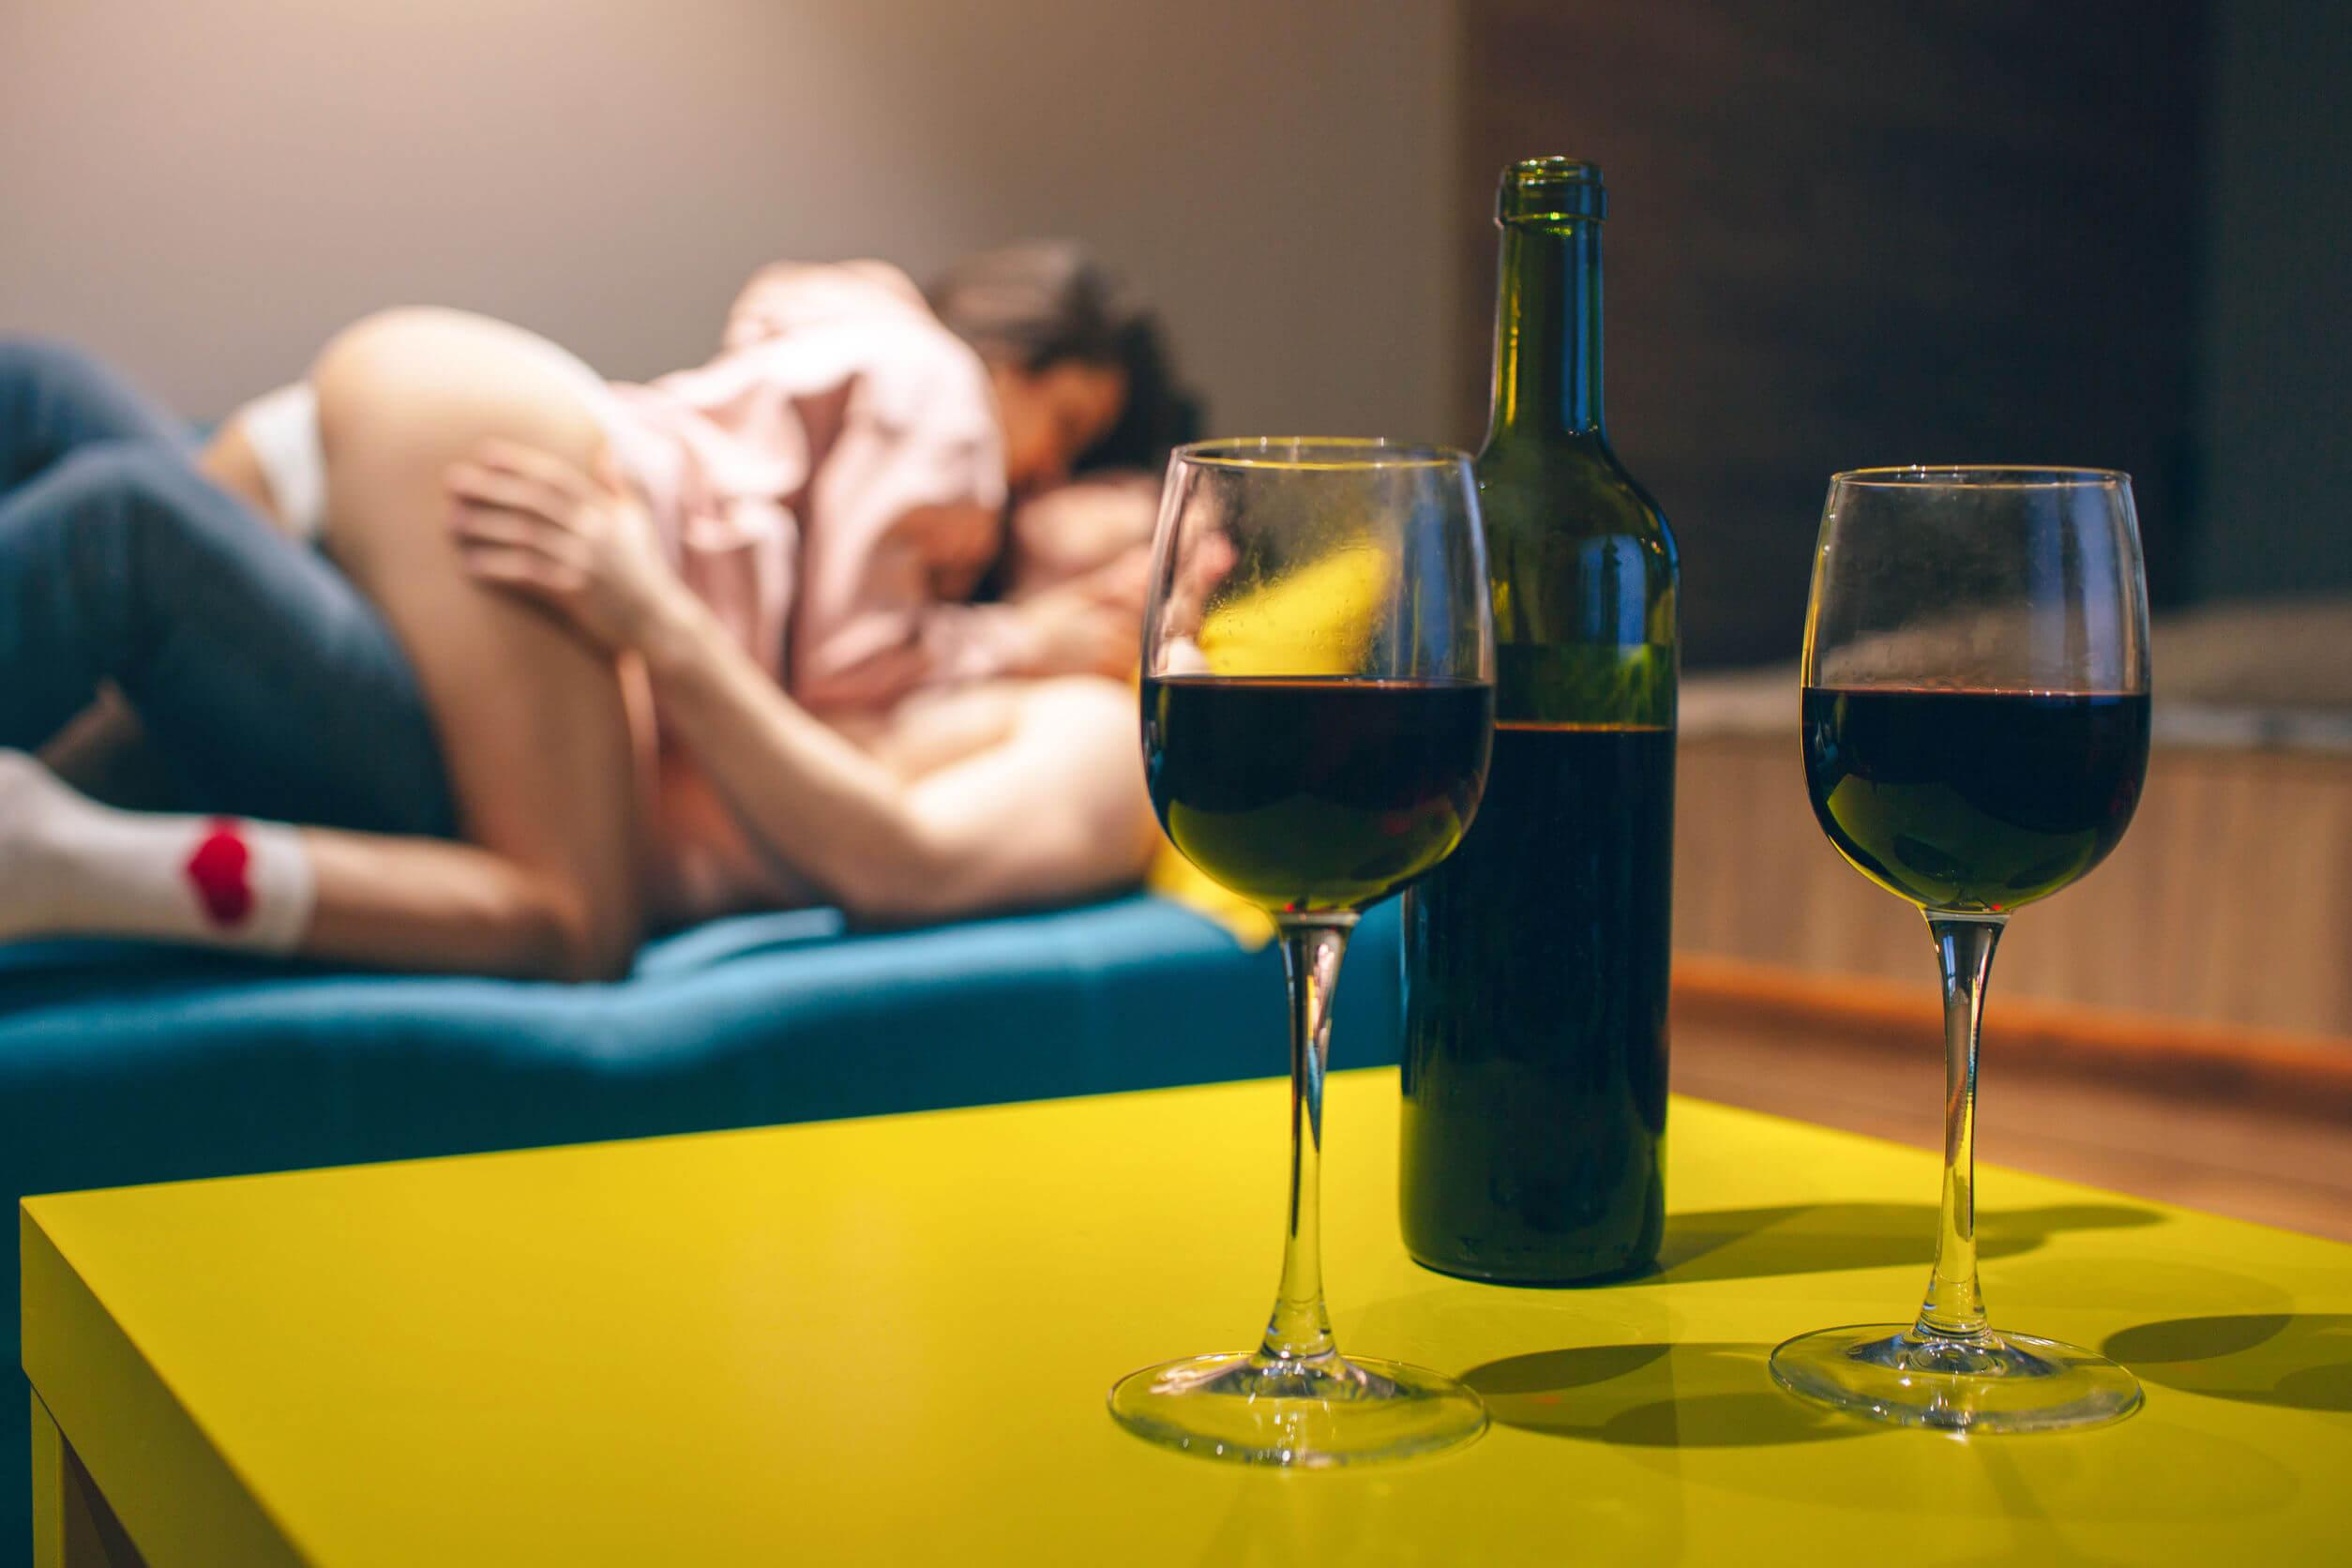 Las posturas eróticas pueden complementarse con bebidas.